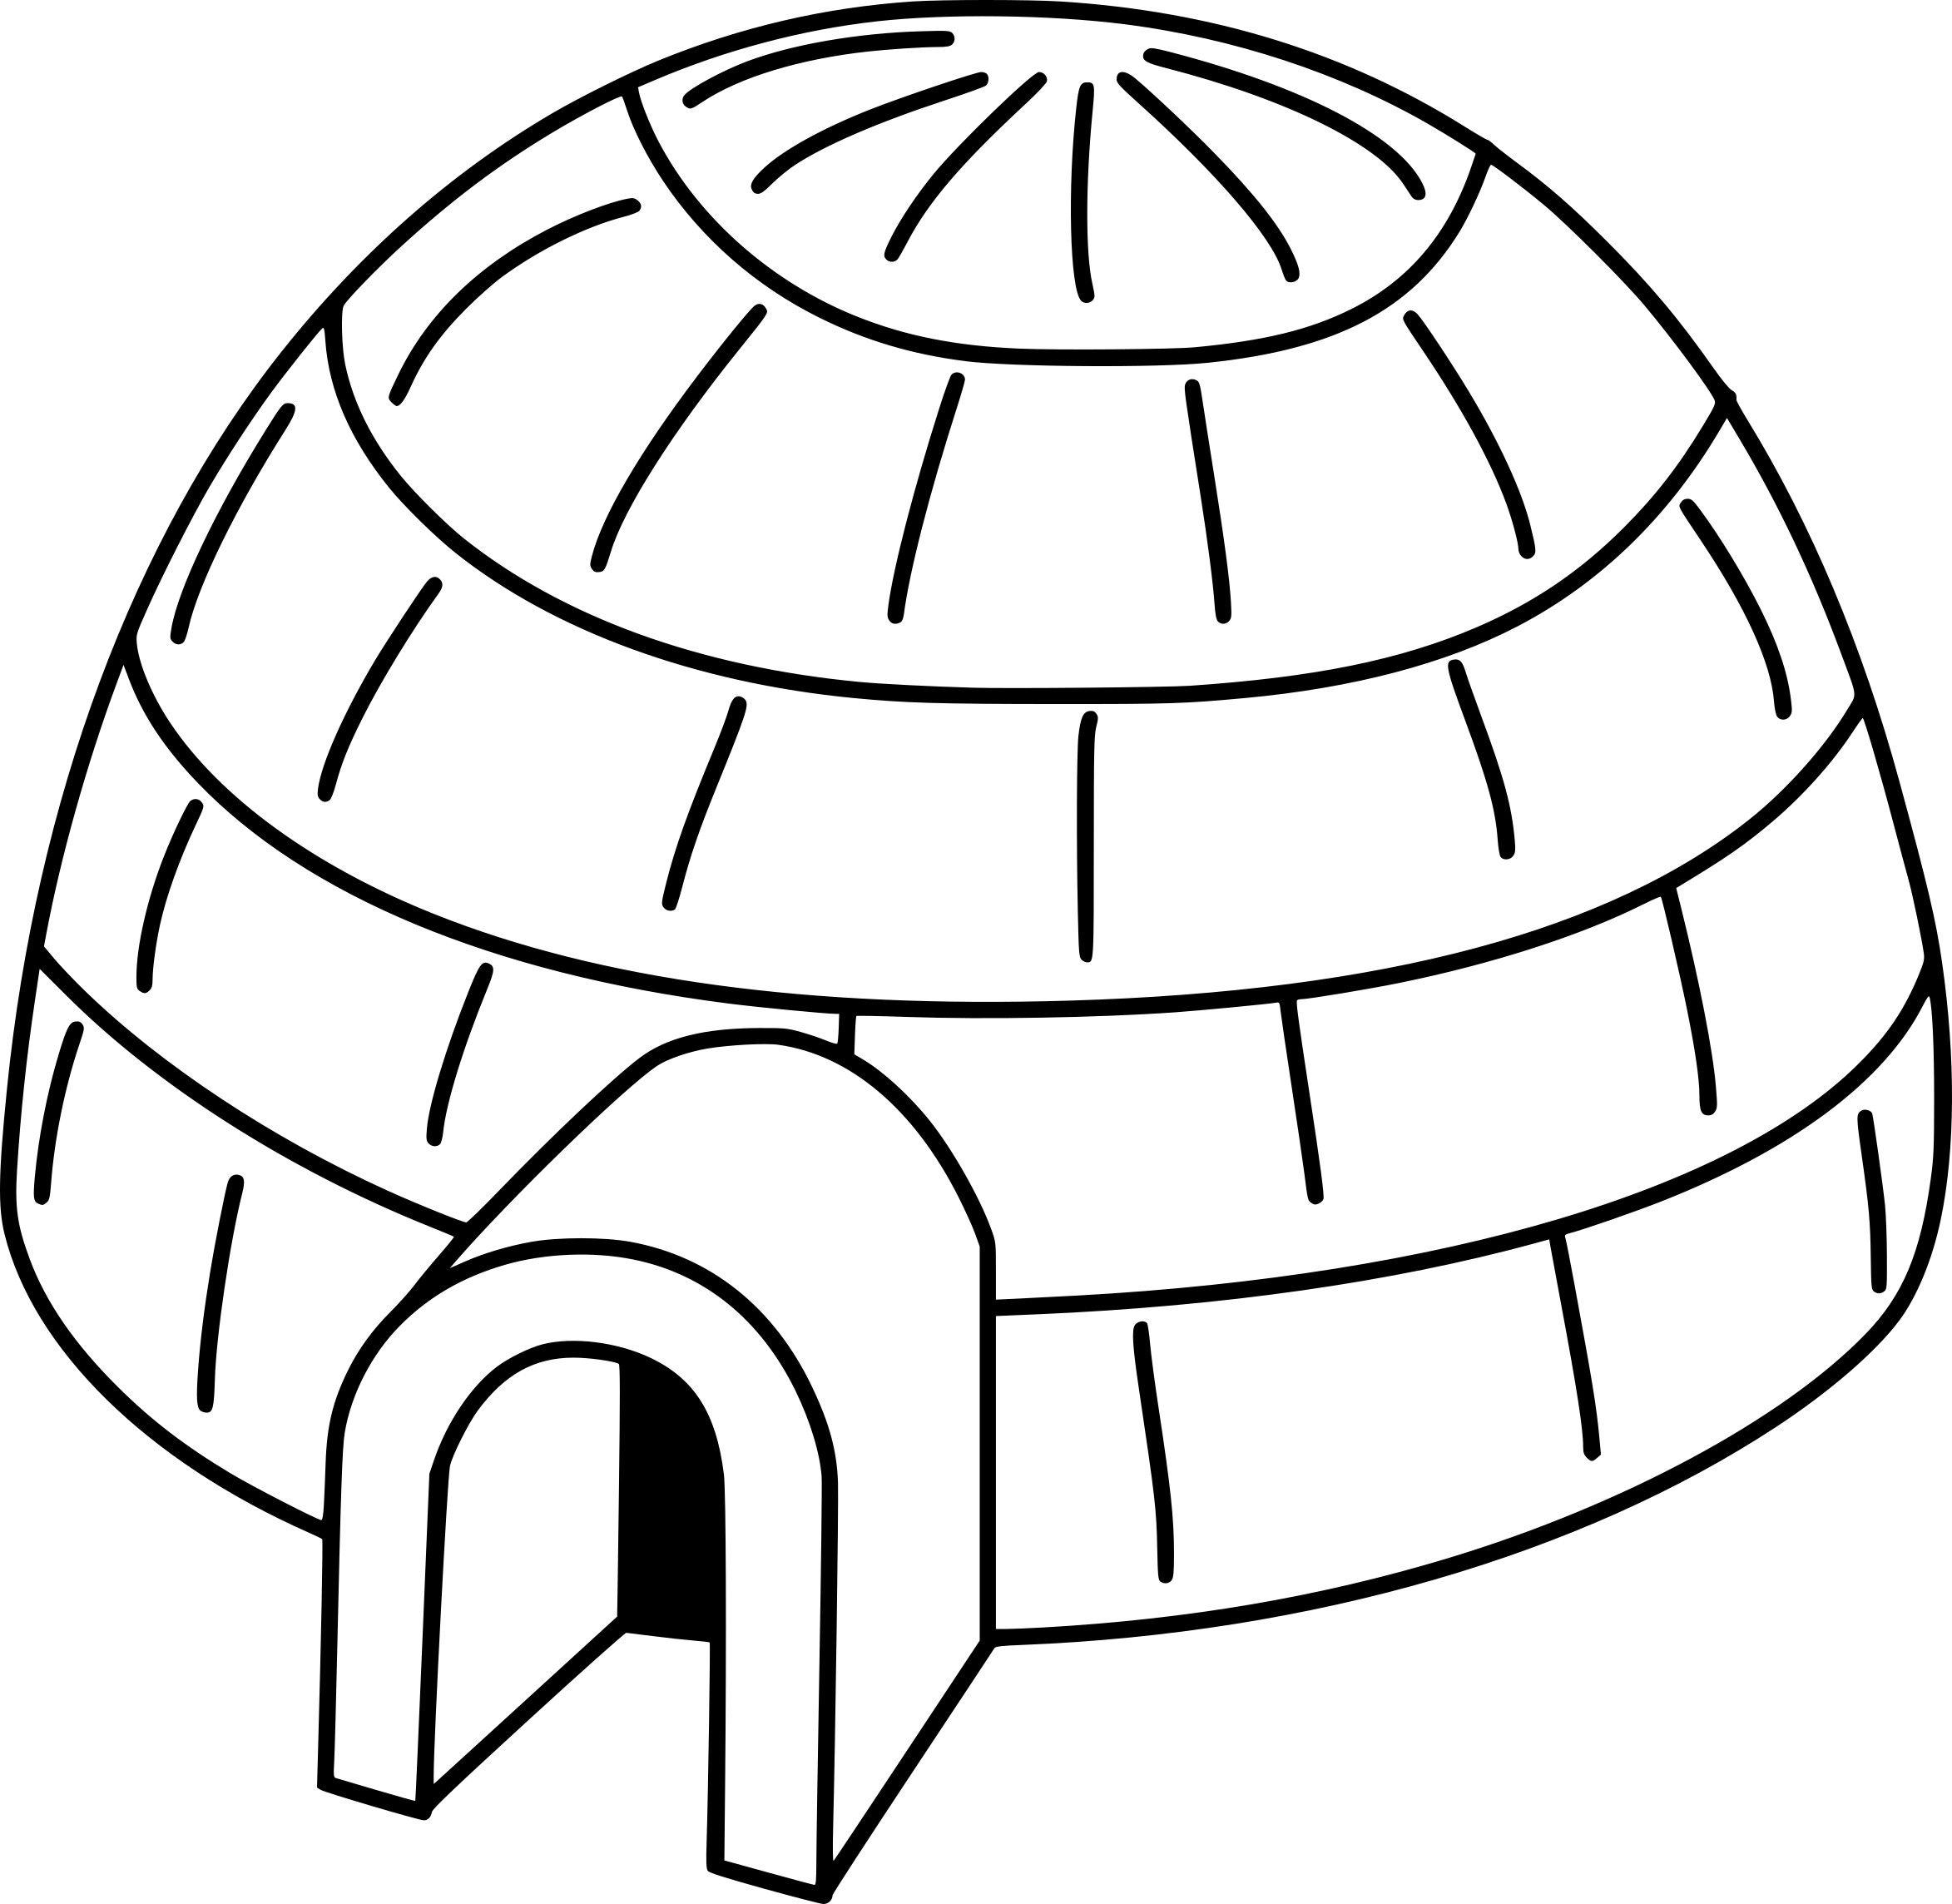 R sultat de recherche d 39 images pour dessin igloo - Coloriage igloo ...